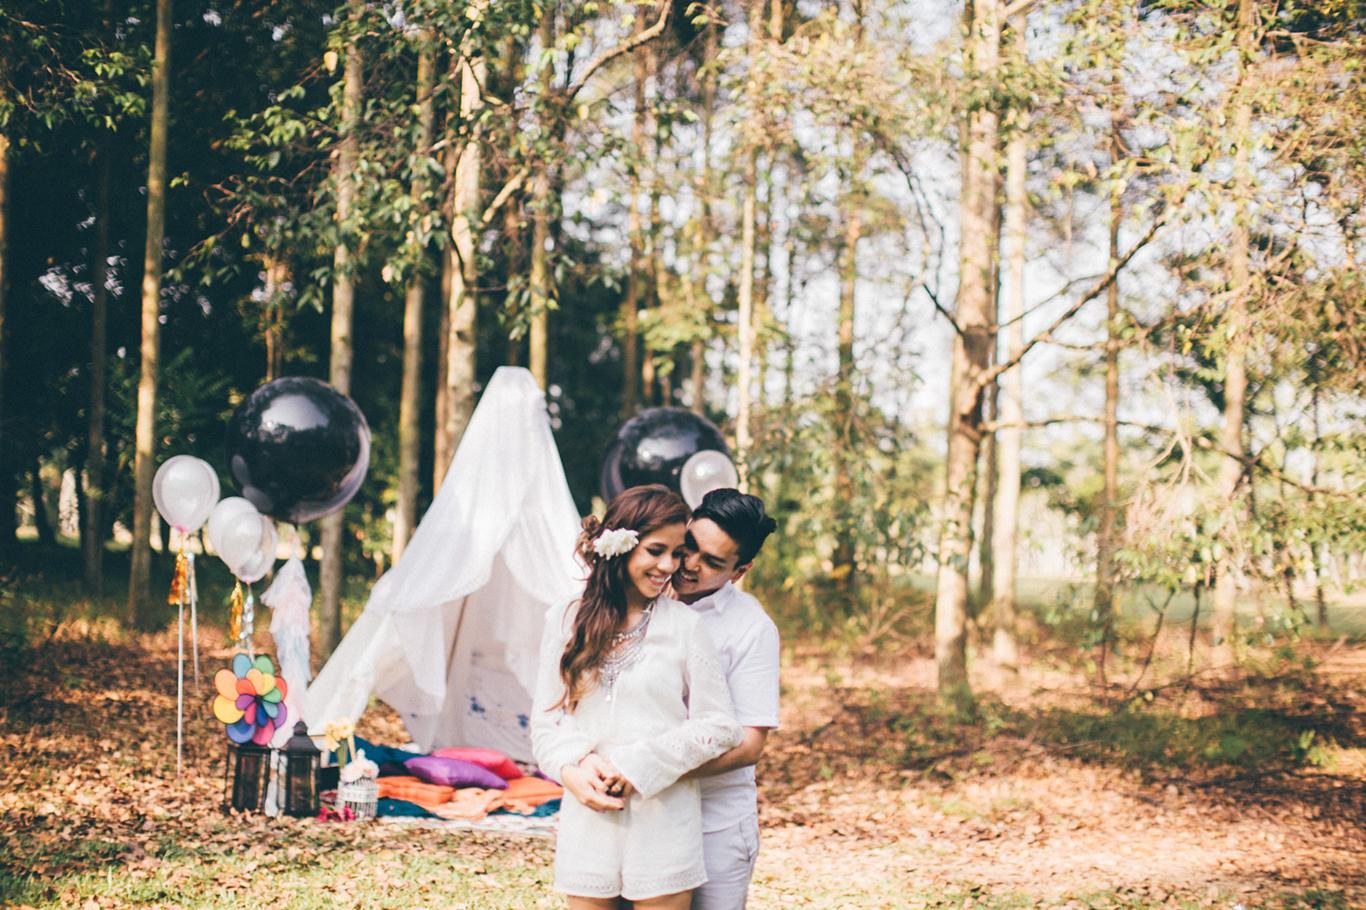 121-hellojanelee-amazing-wedding-2015-malaysia